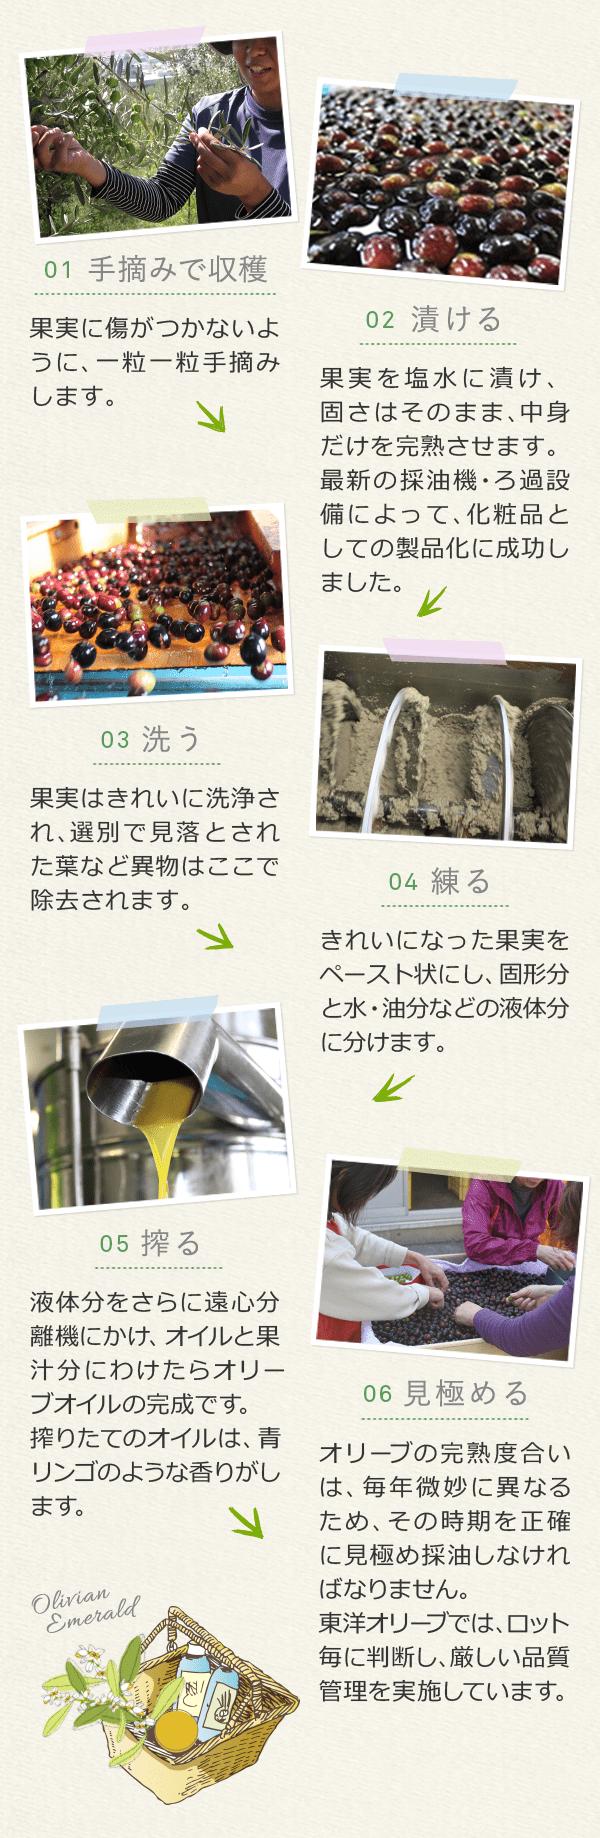 01 手積摘みで収穫 → 02 漬ける → 03 洗う → 04 練る → 05 搾る → 06 見極める